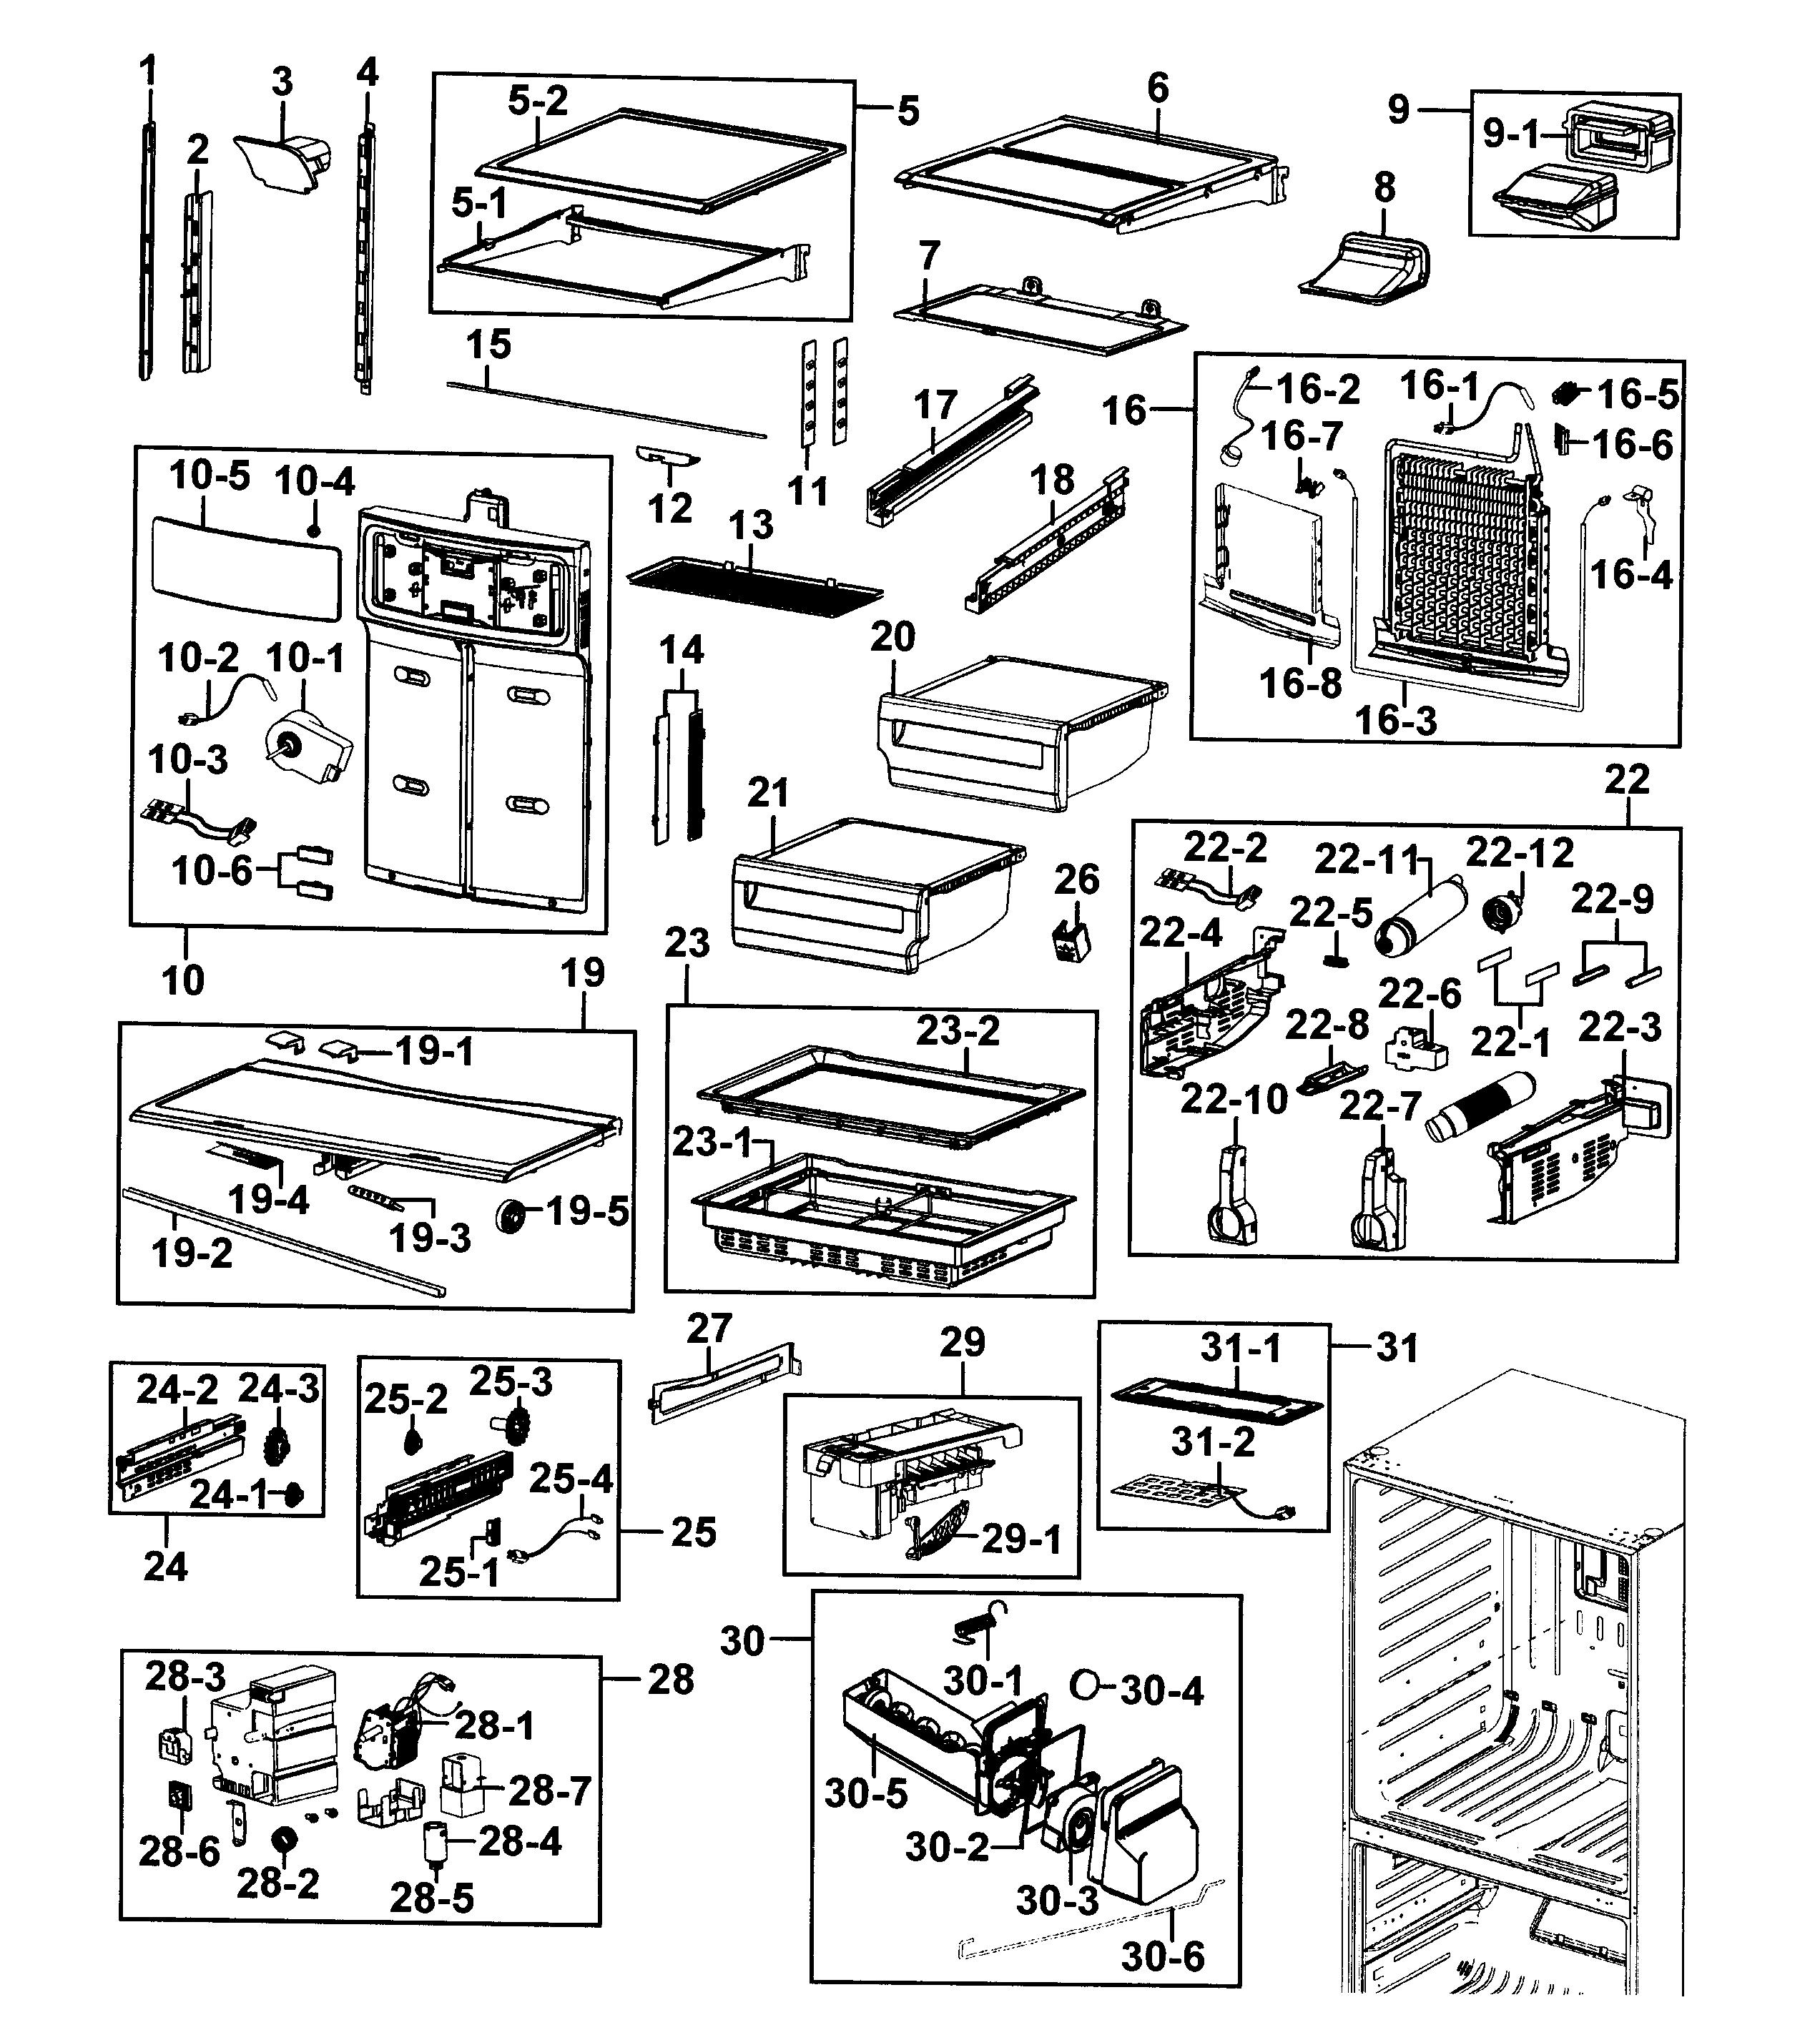 samsung refrigerator diagram